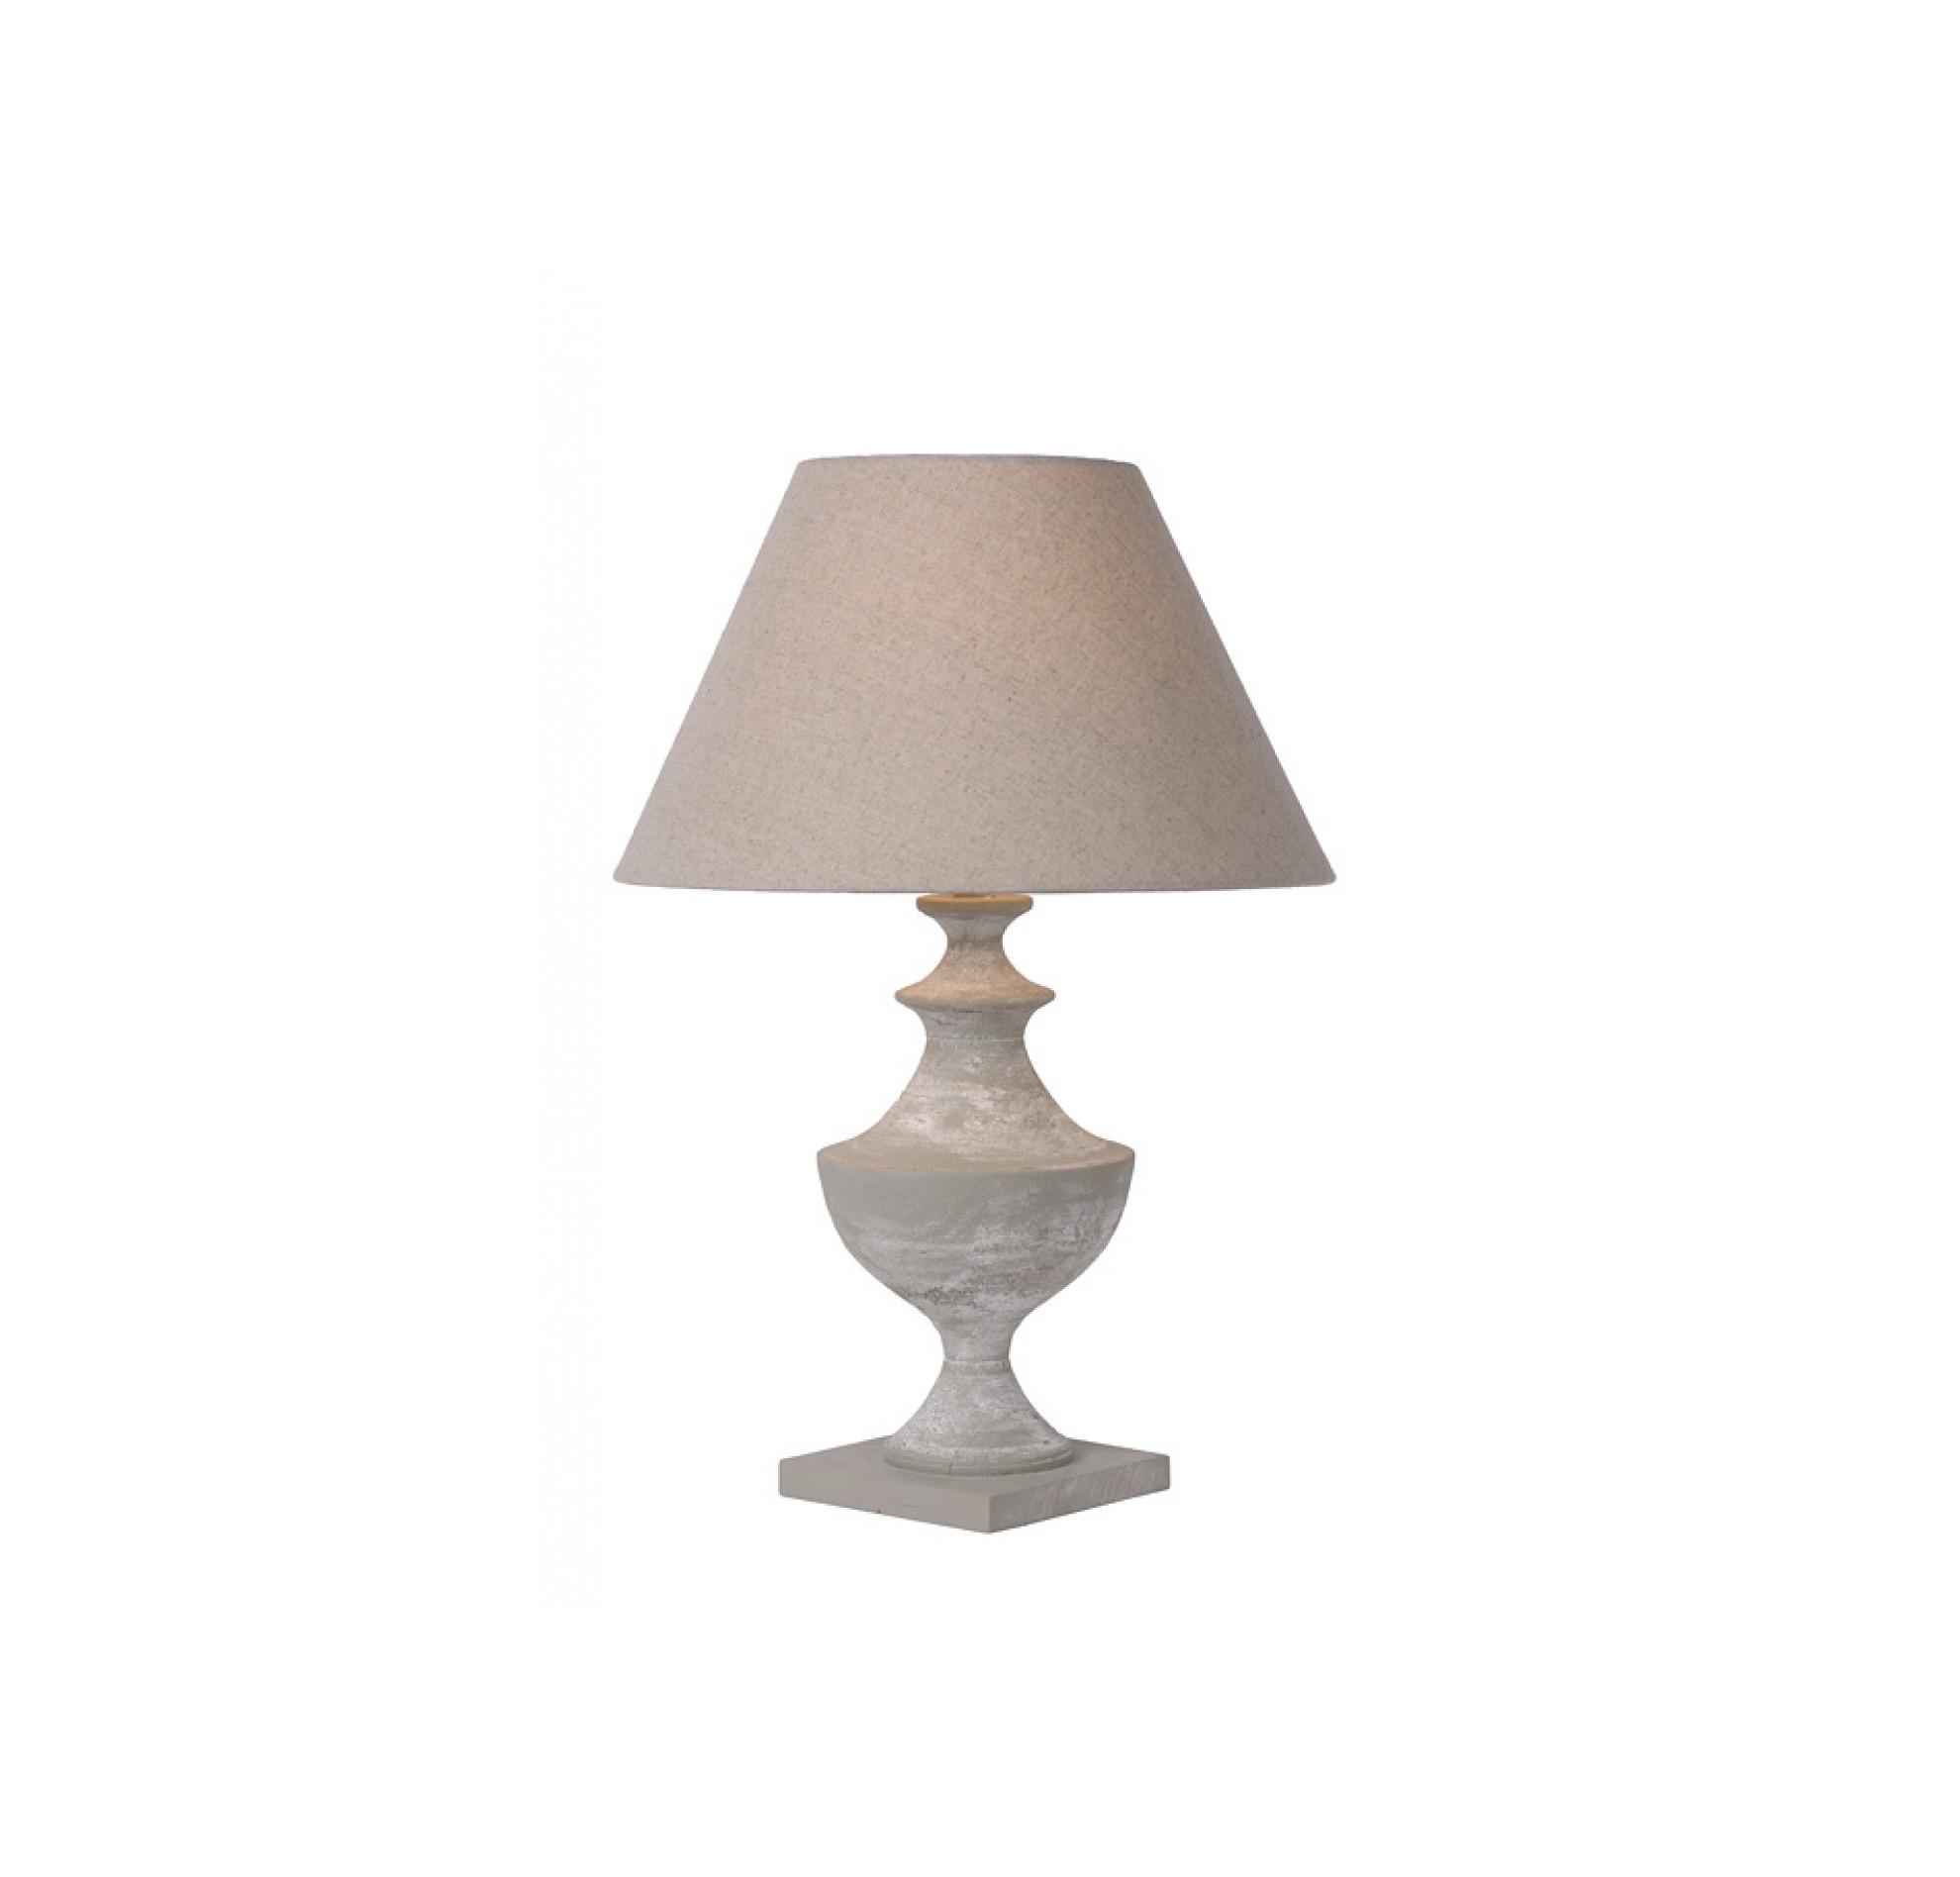 Настольная лампа ROBINДекоративные лампы<br>основание: металл/дерево/серый<br>плафон: лён/серо-коричневый<br>диаметр: 40 см<br>высота: 58 см<br>E27, 60W,1 лампочка (в комплект не входит)<br><br>Material: Дерево<br>Высота см: 58.0